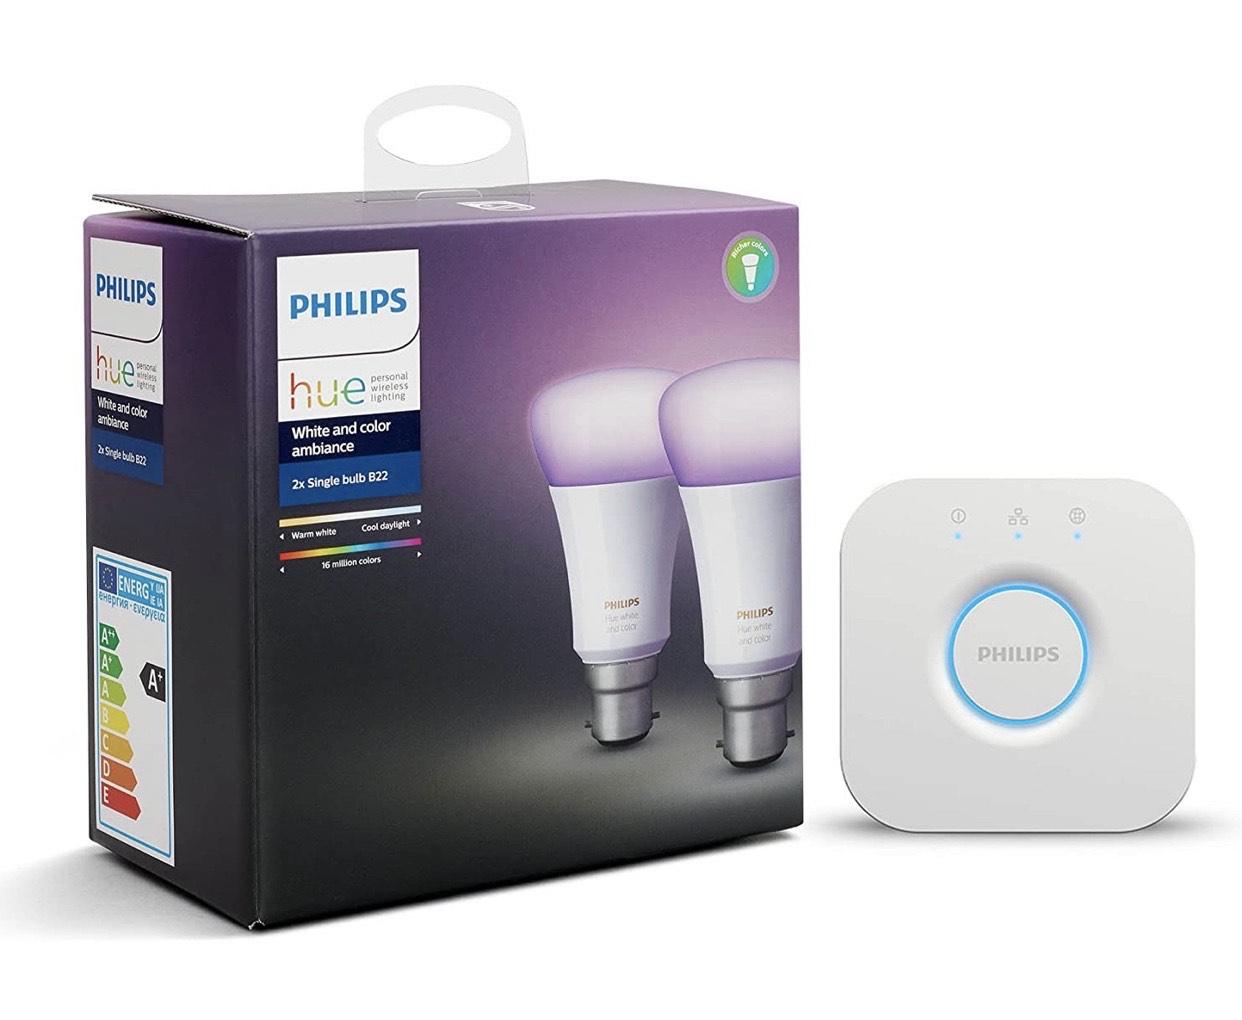 Philips hue 2 bulb starters kit